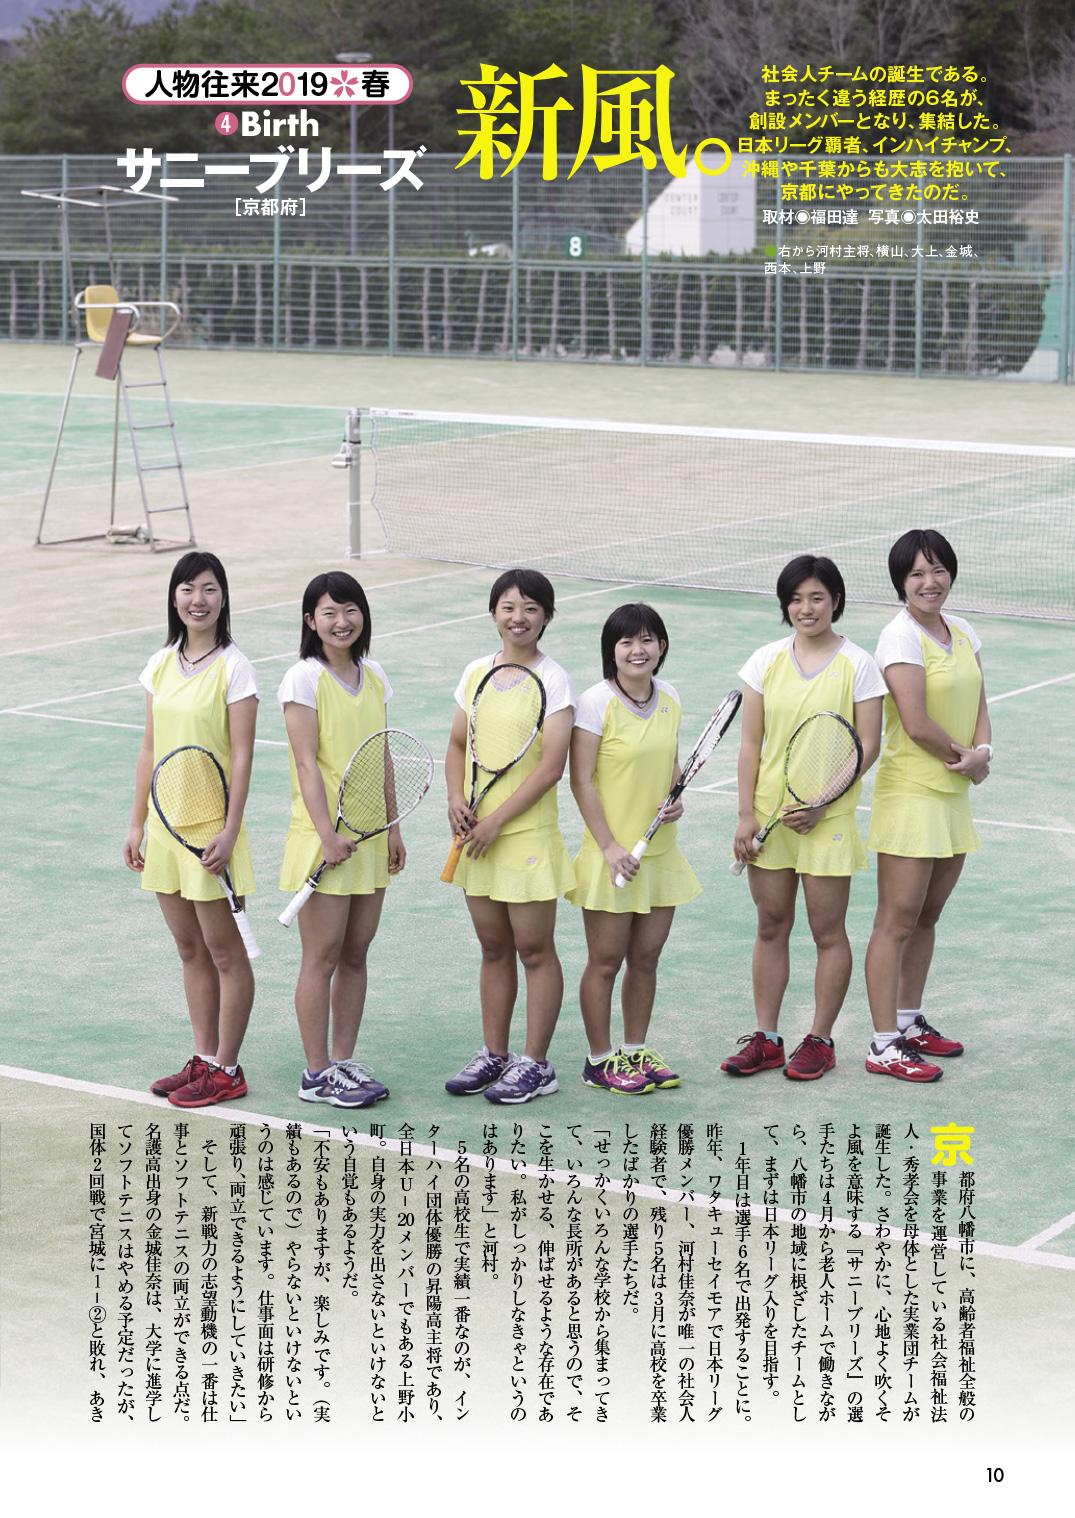 ソフトテニスマガジン2019年5月号-P10